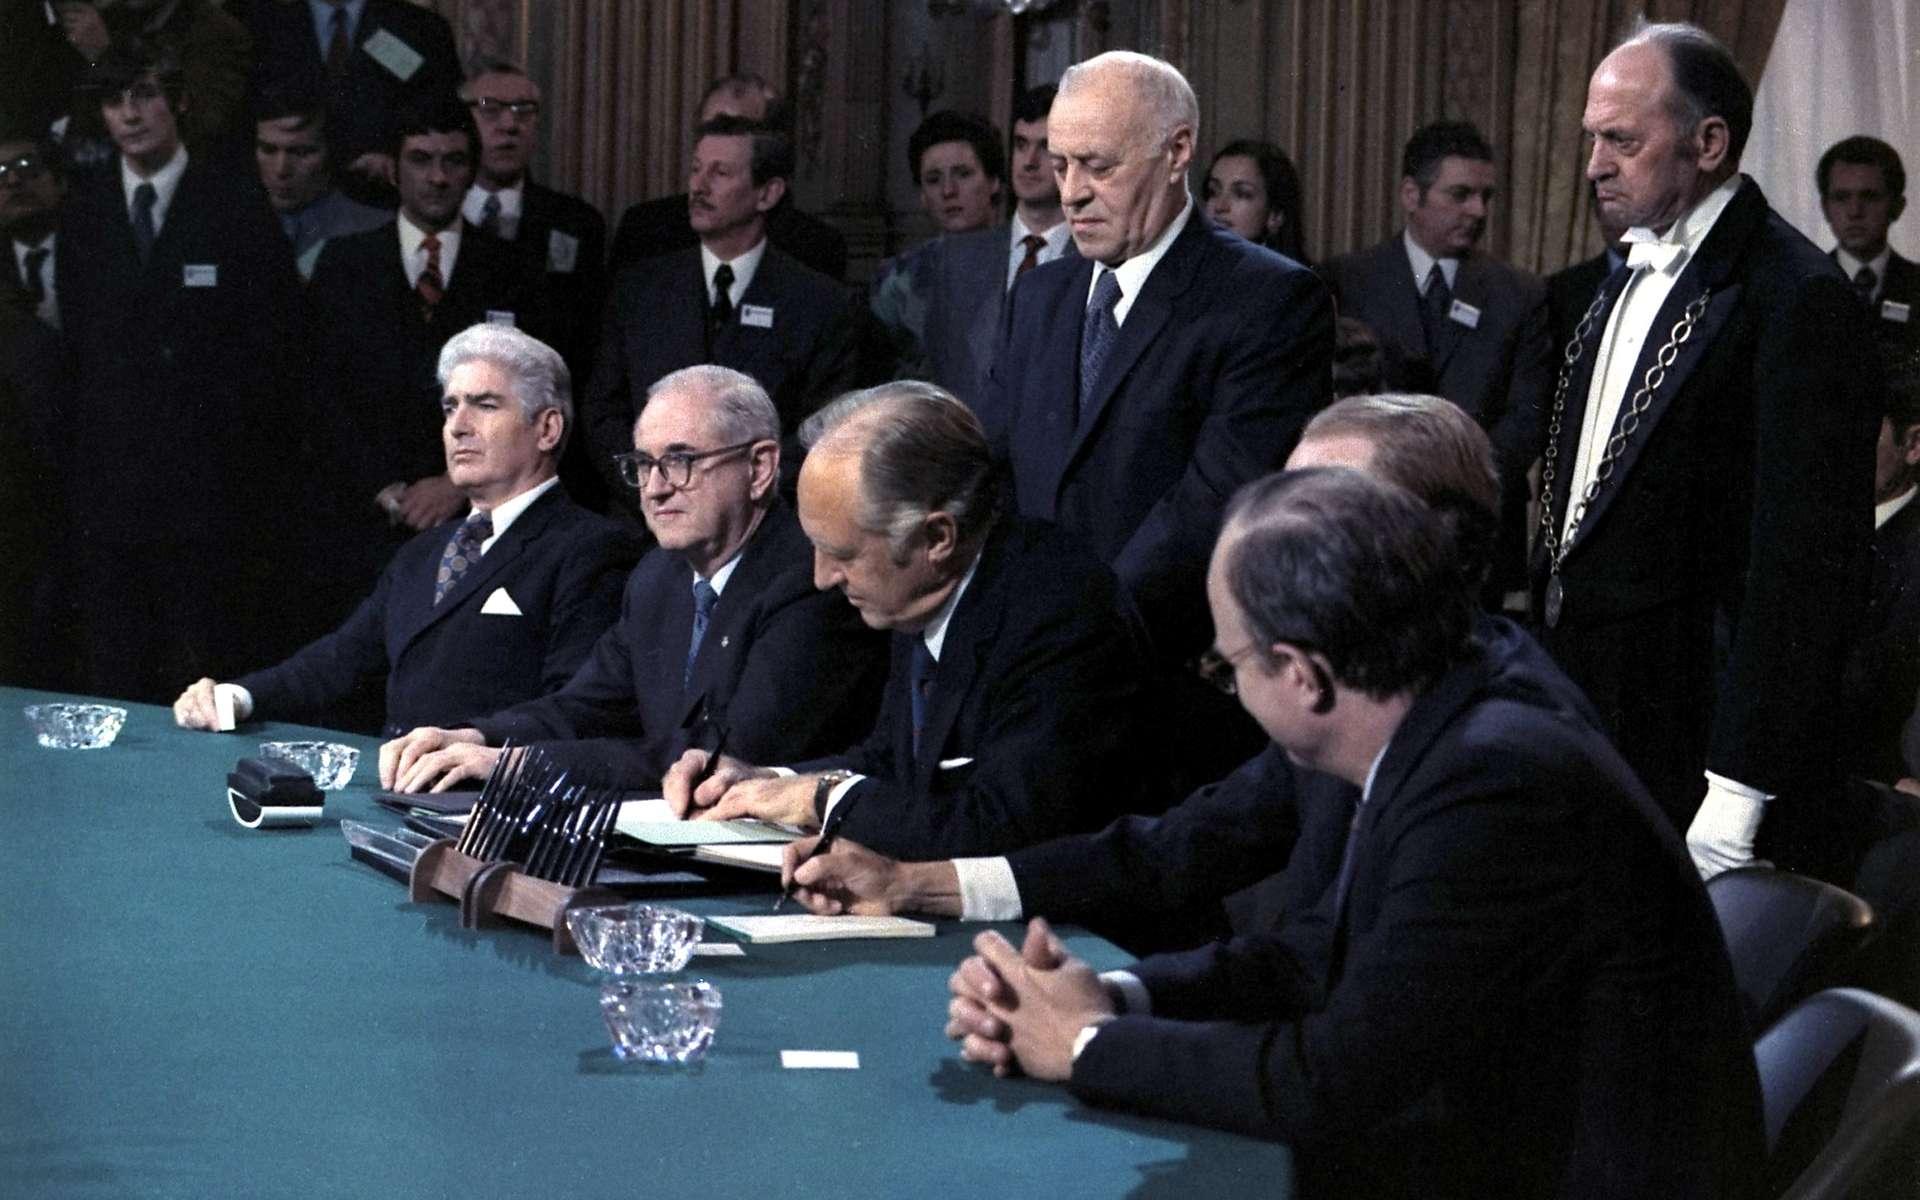 Signature des accords de paix à l'issue de la guerre du Vietnam, le 27 janvier 1973. Les affrontements prendront fin avec la prise de Saigon par les Soviétiques deux ans plus tard. © Knudsen, Robert L., Wikimedia Commons, DP